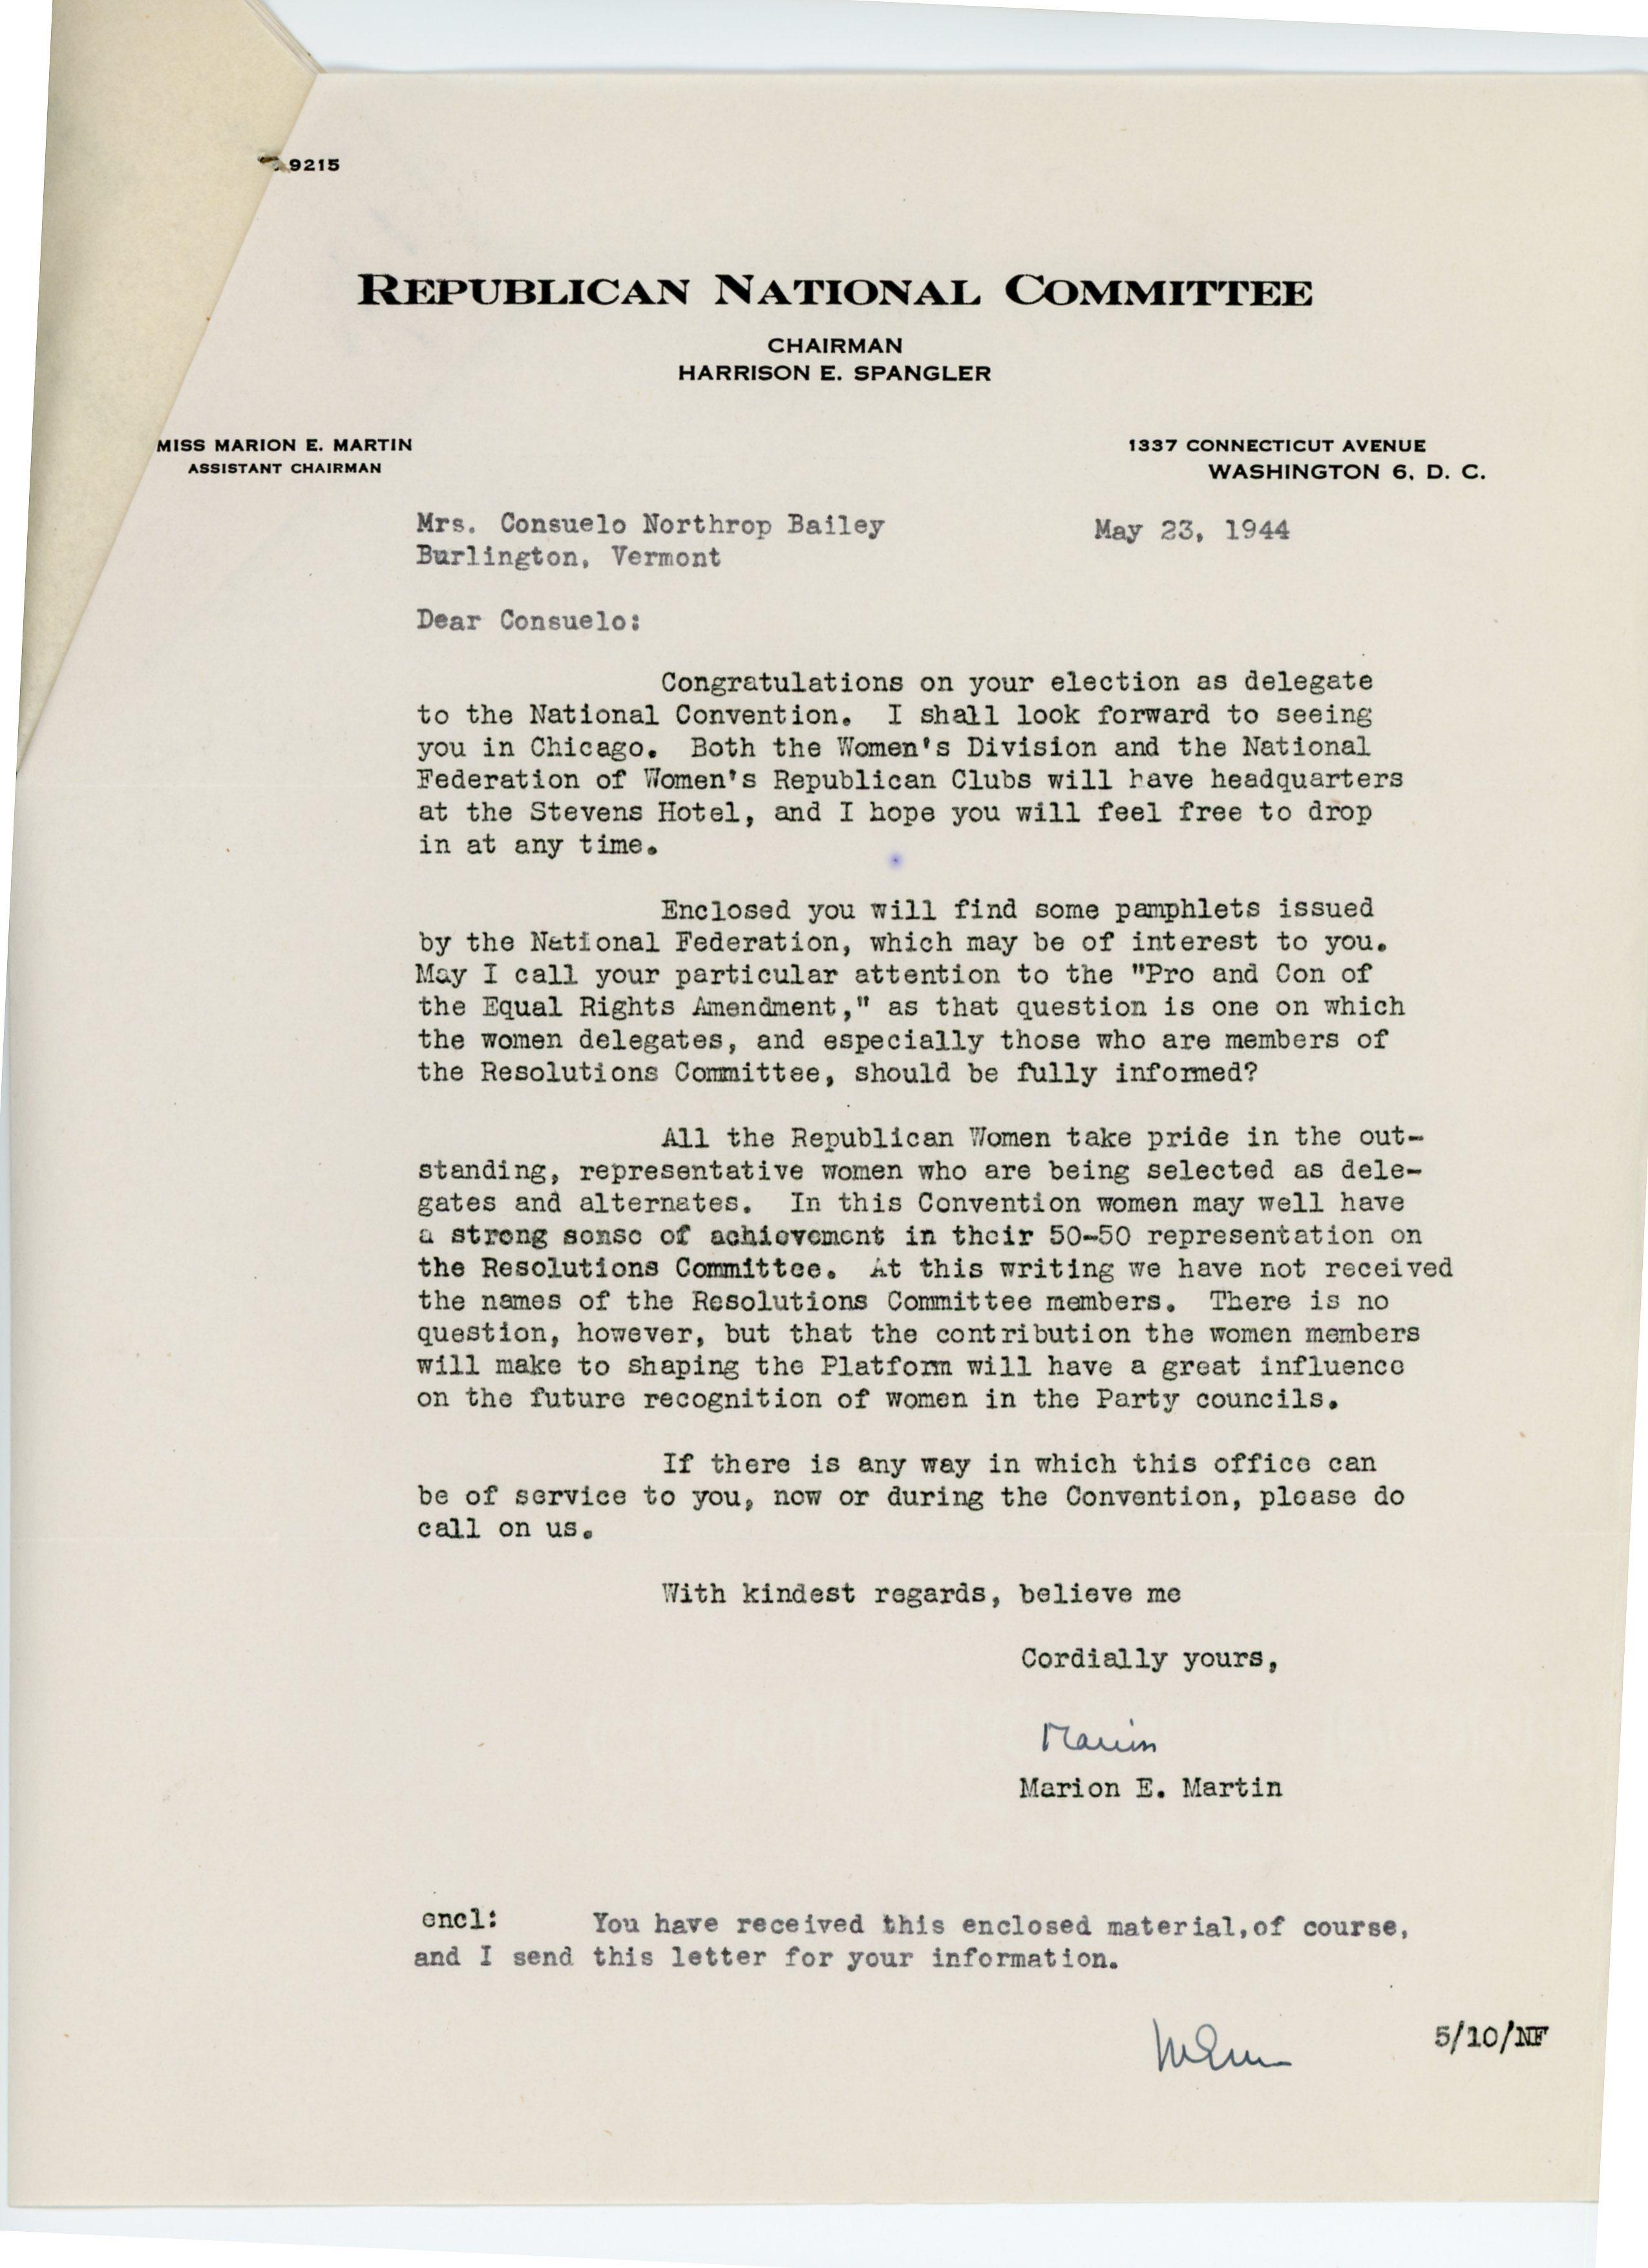 Marion E. Martin to Consuelo Northrop Bailey, 1944 May 23